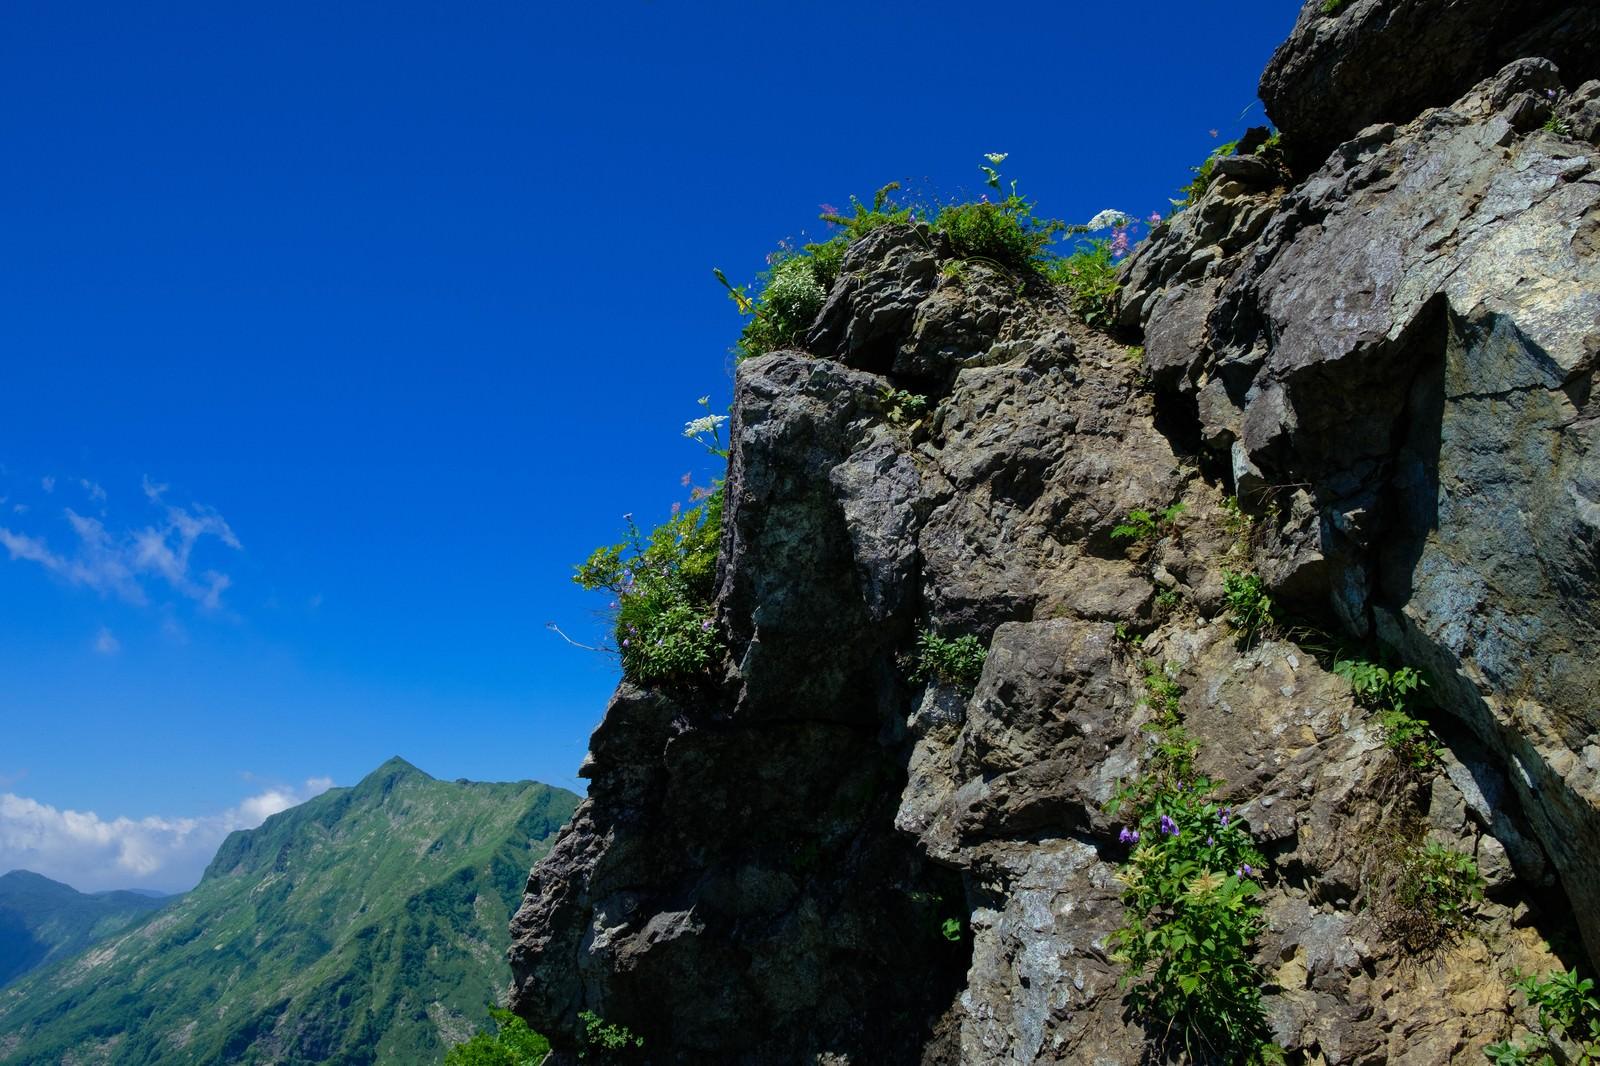 「青空と岩肌に咲く高山植物」の写真